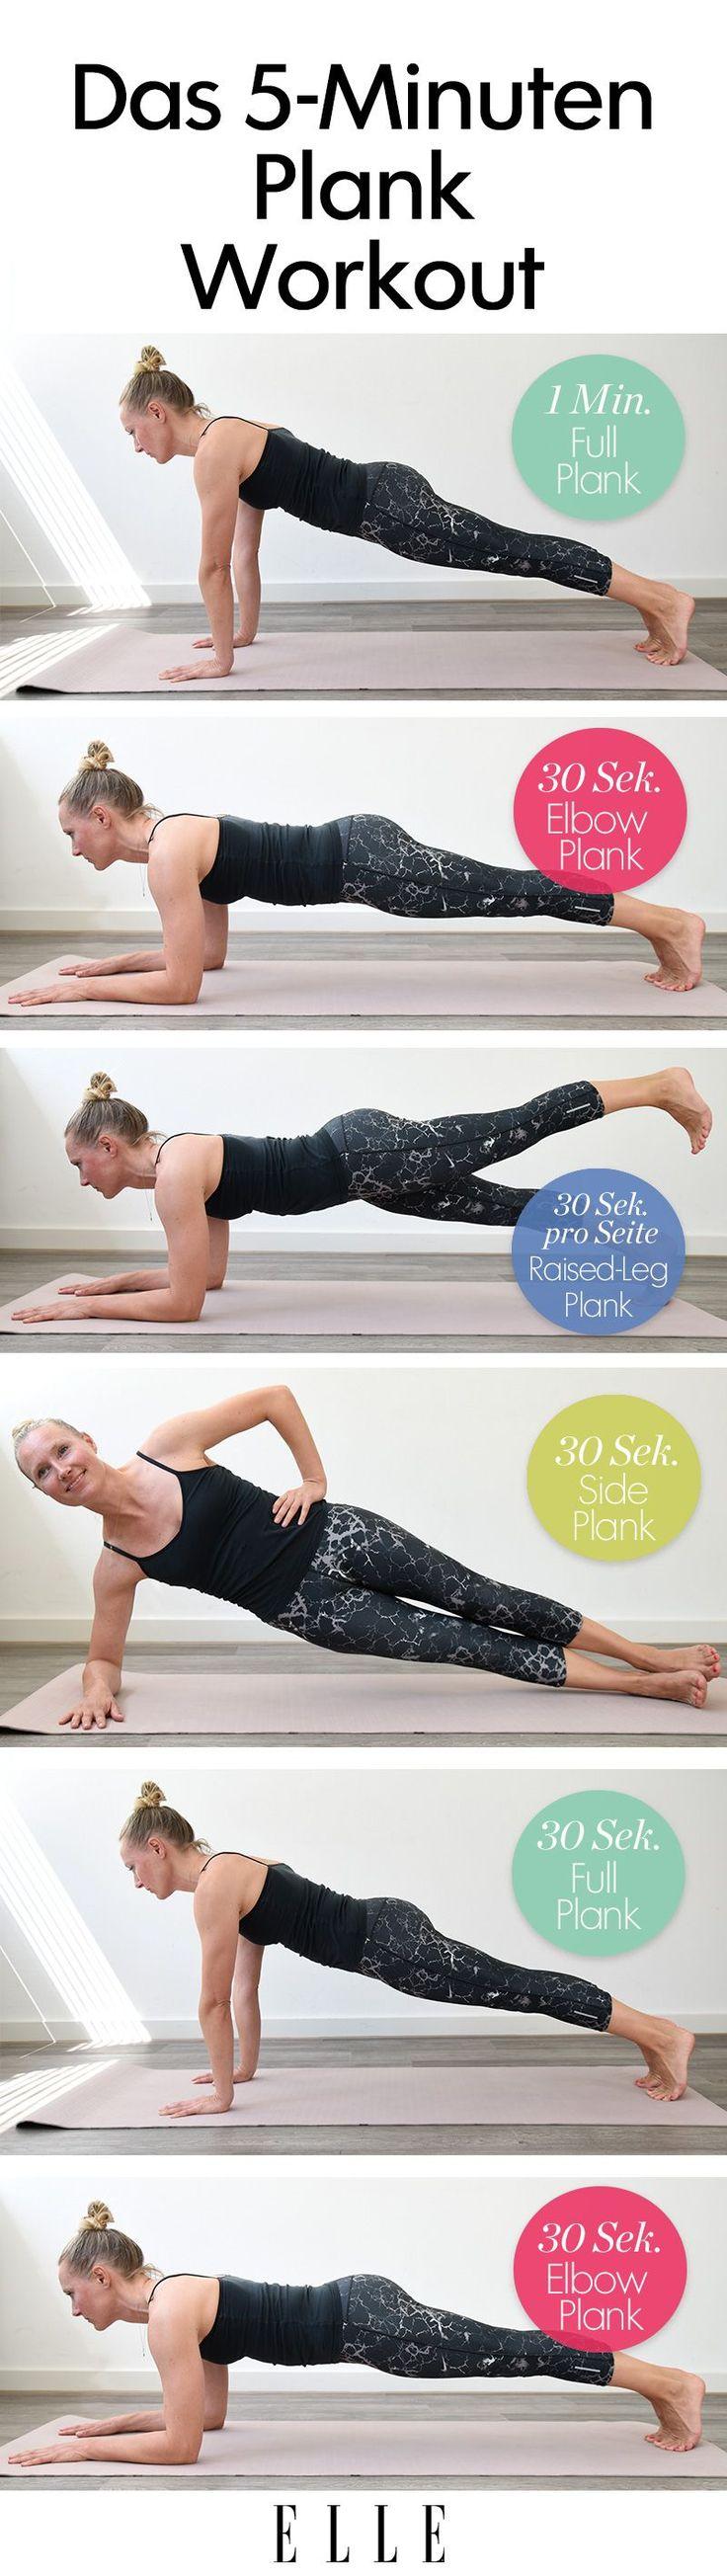 Planks: Diese Übungen definieren deinen Körper – ELLE Germany